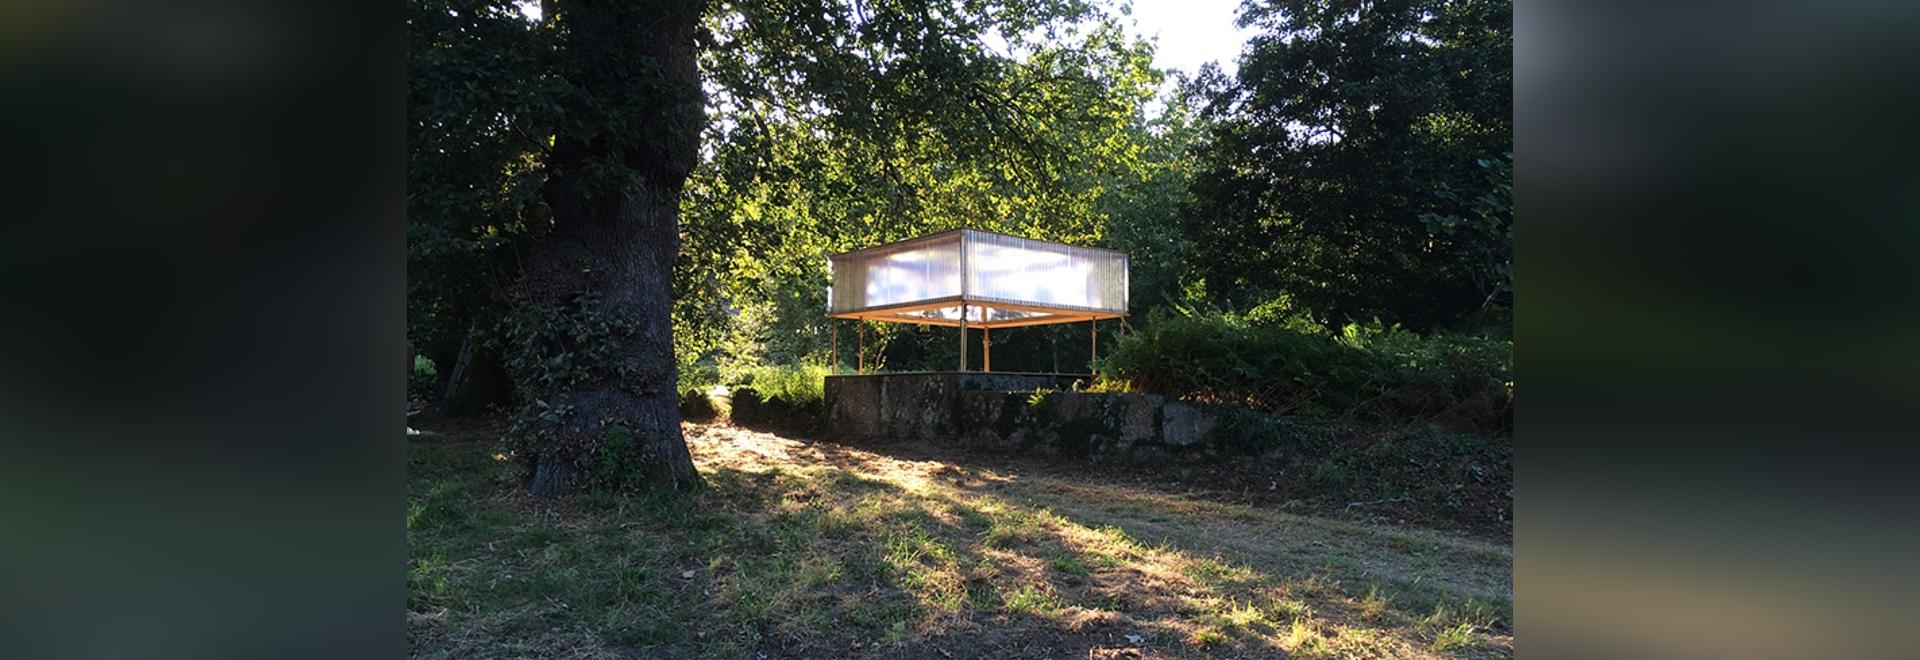 nuno pimenta creates hovering temporary bar for music festival in portugal